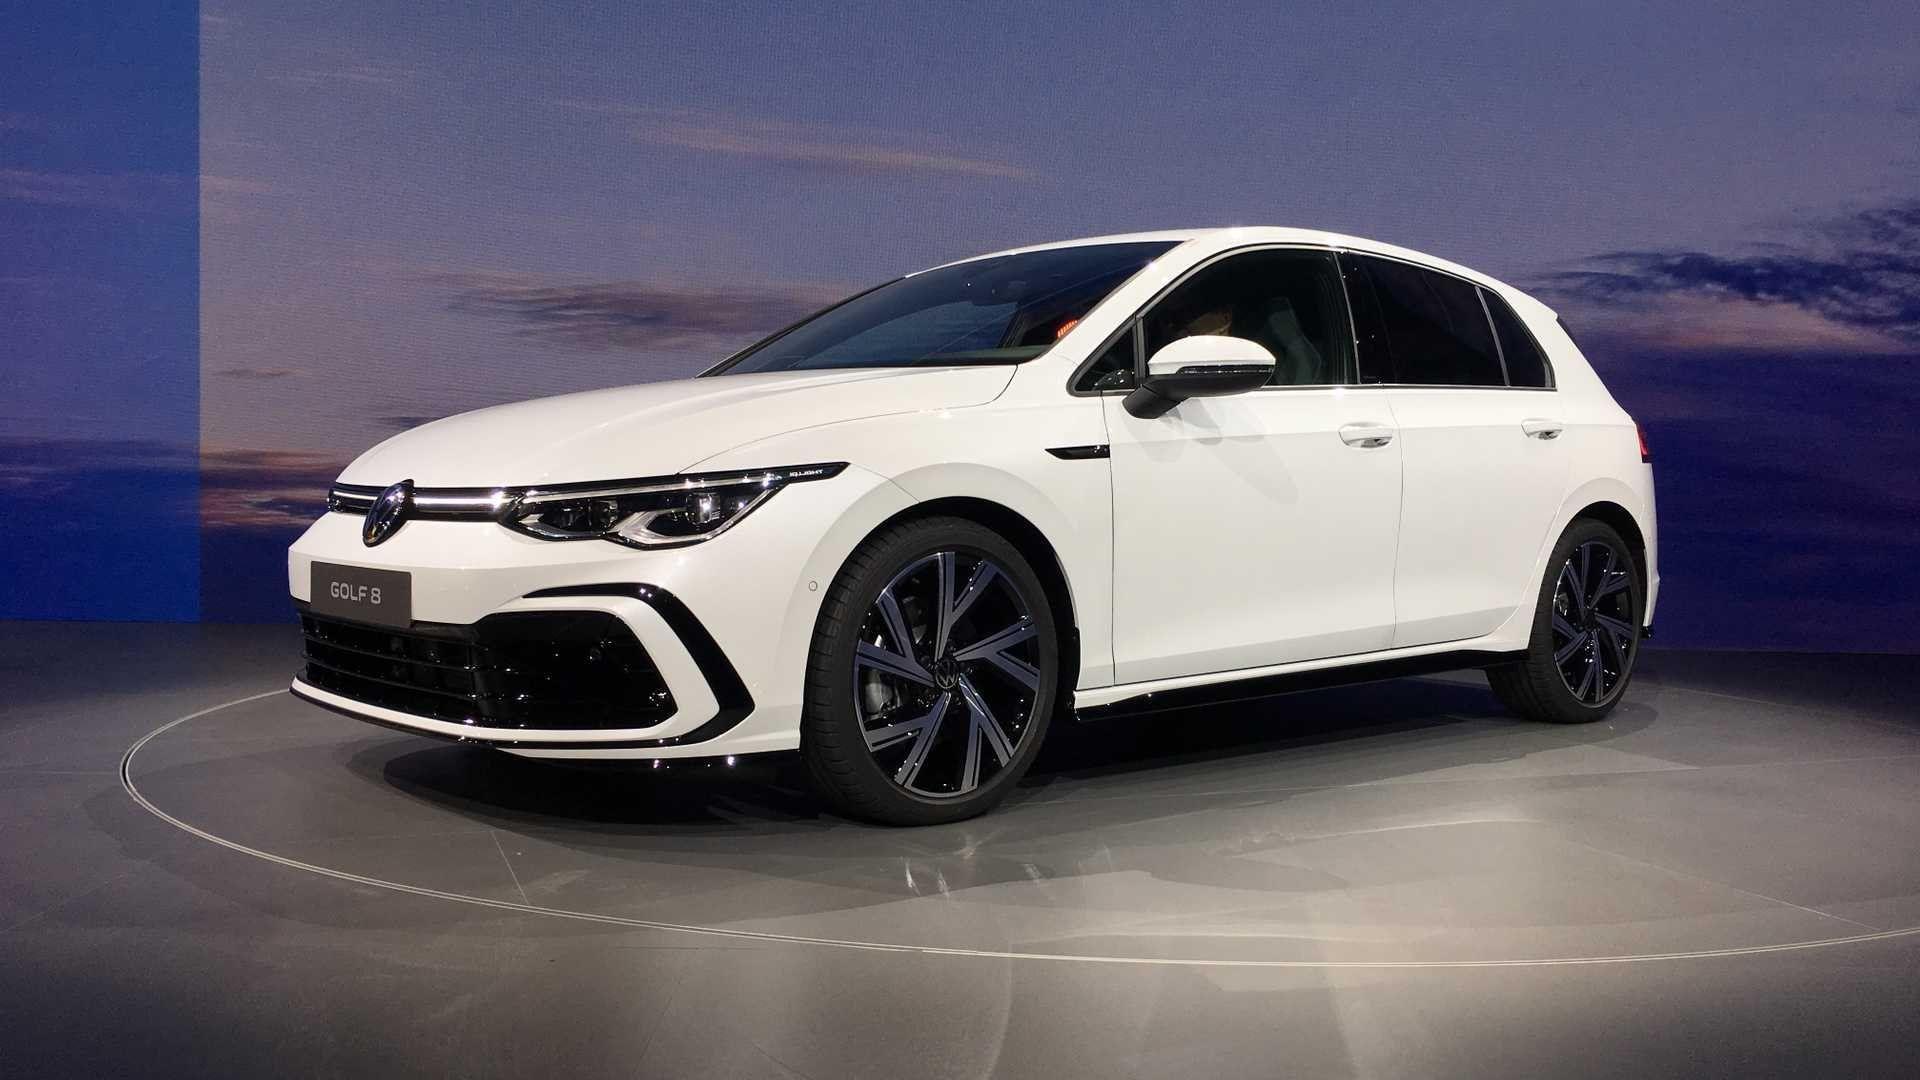 2021 Volkswagen Passat Review And Release Date In 2020 Volkswagen Volkswagen Golf Volkswagen Passat